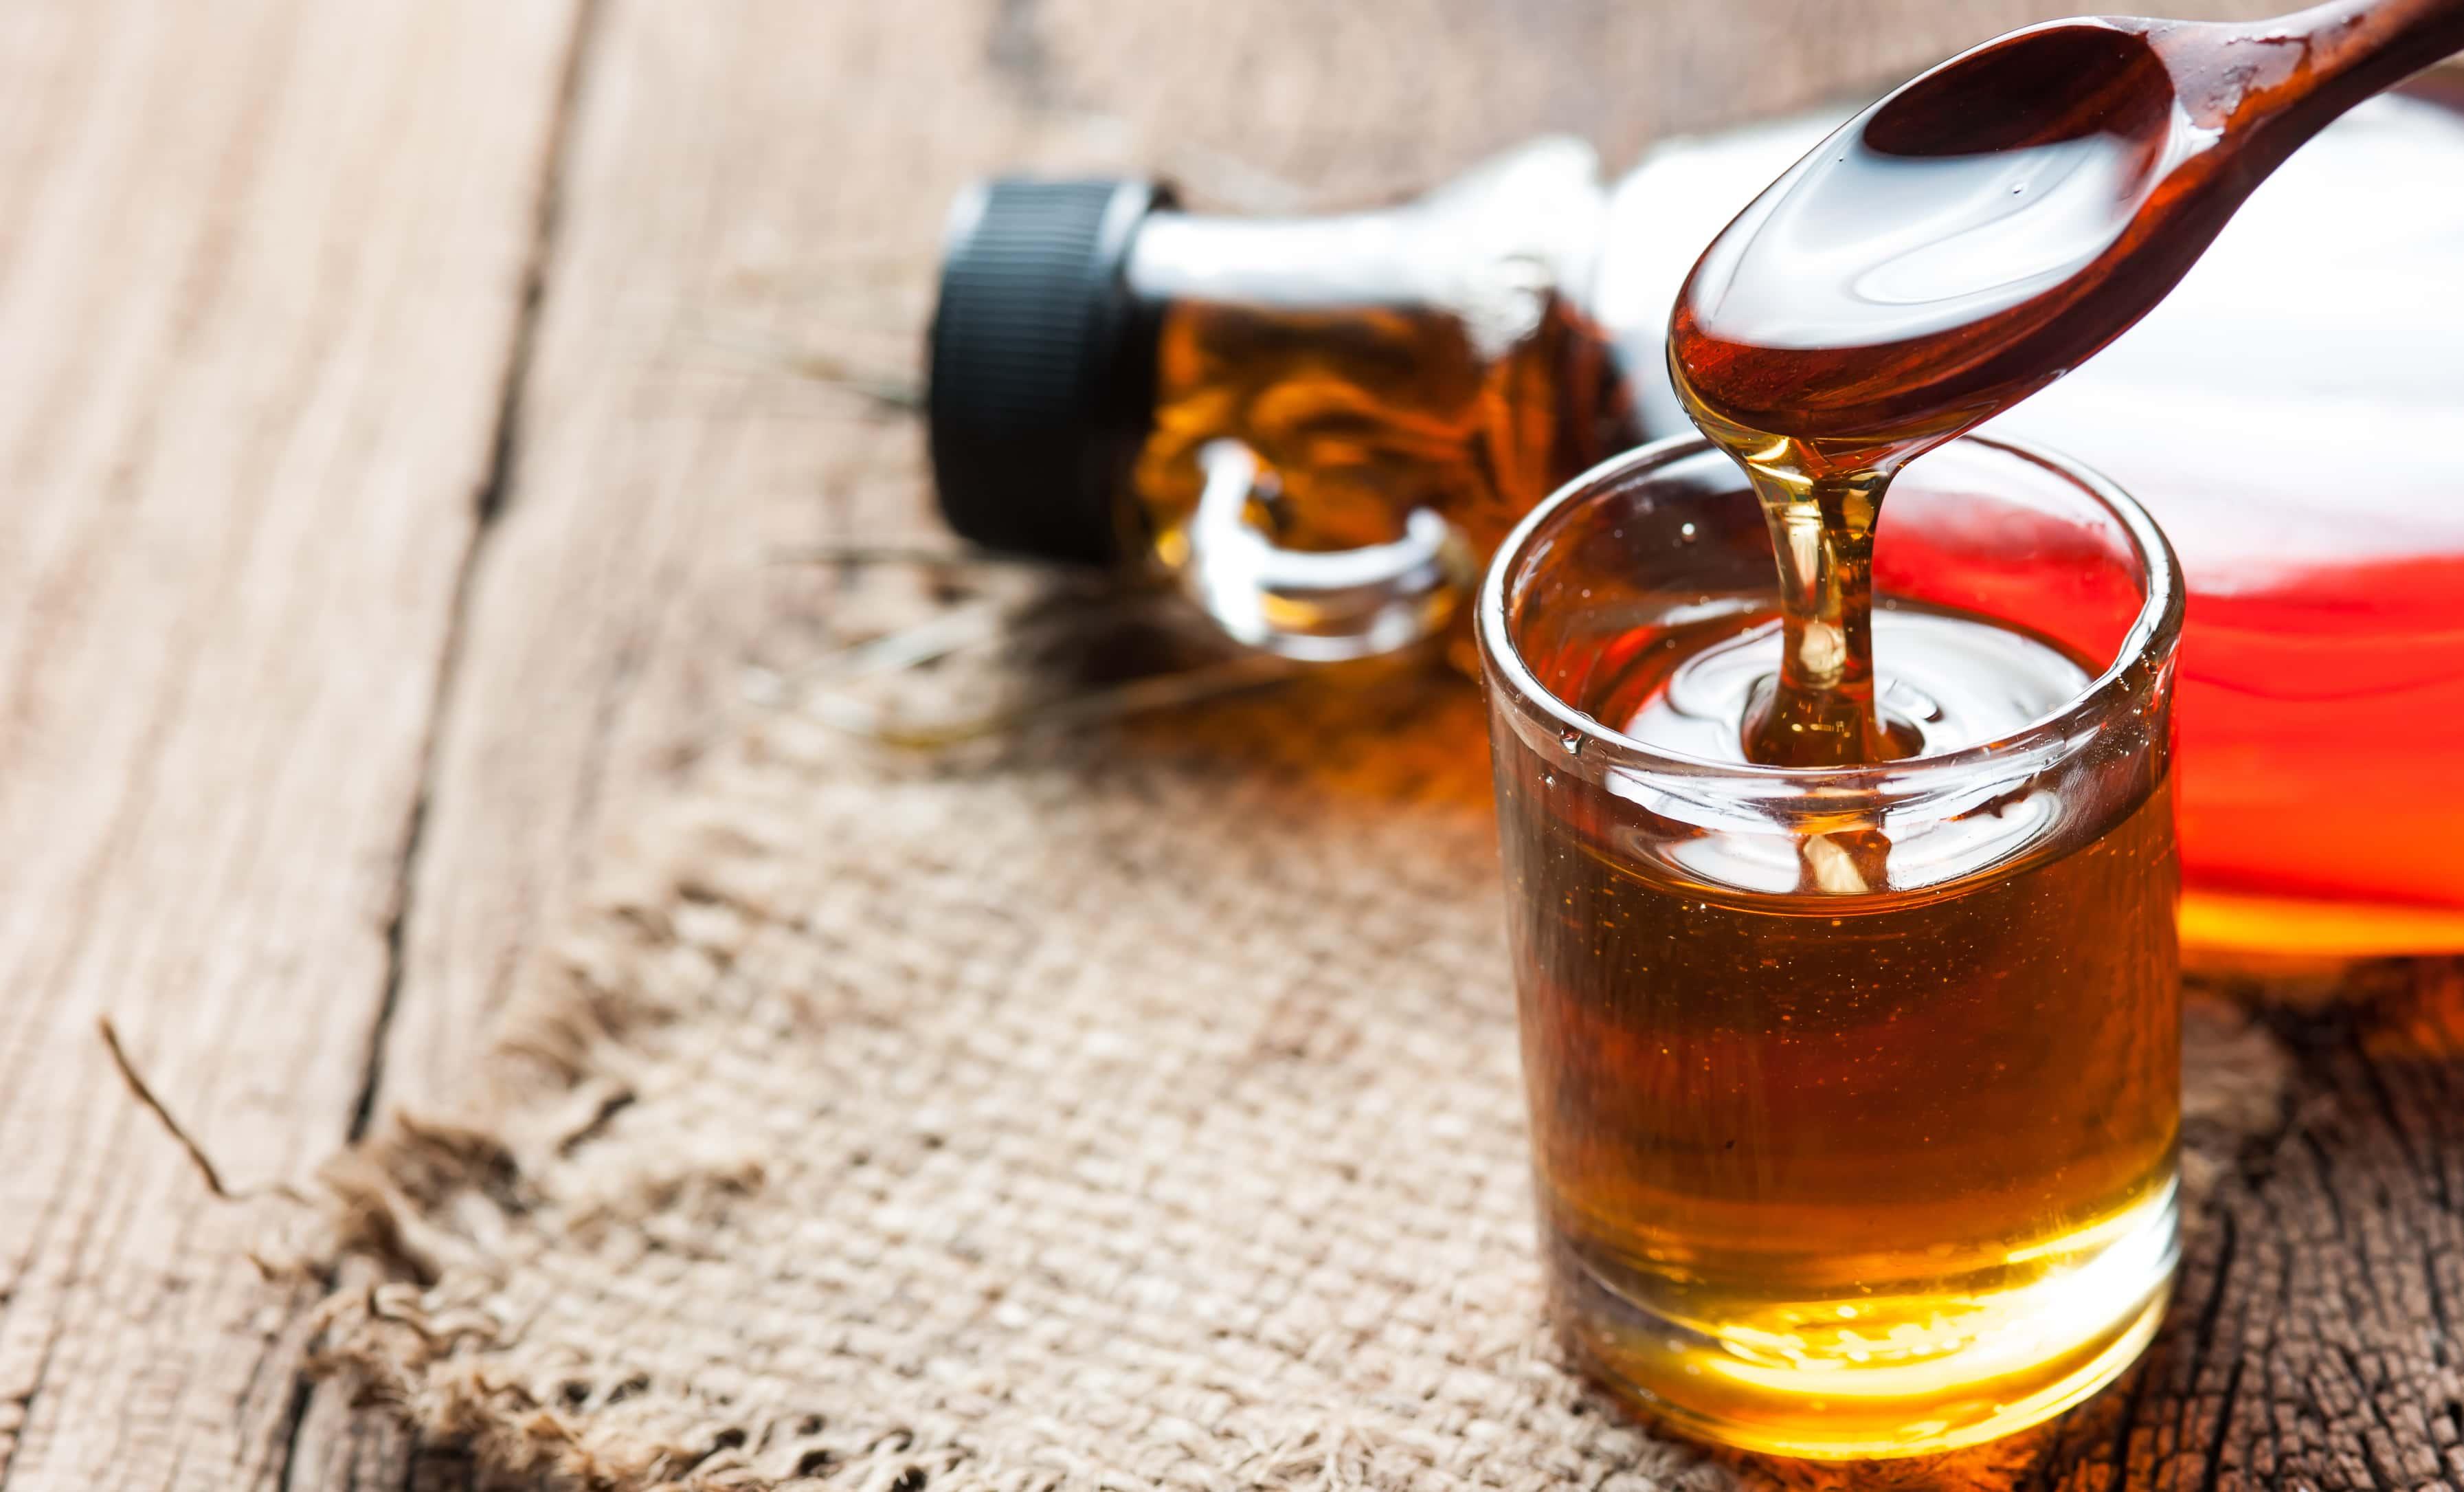 Кленовый сироп повысил эффективность антибиотиков